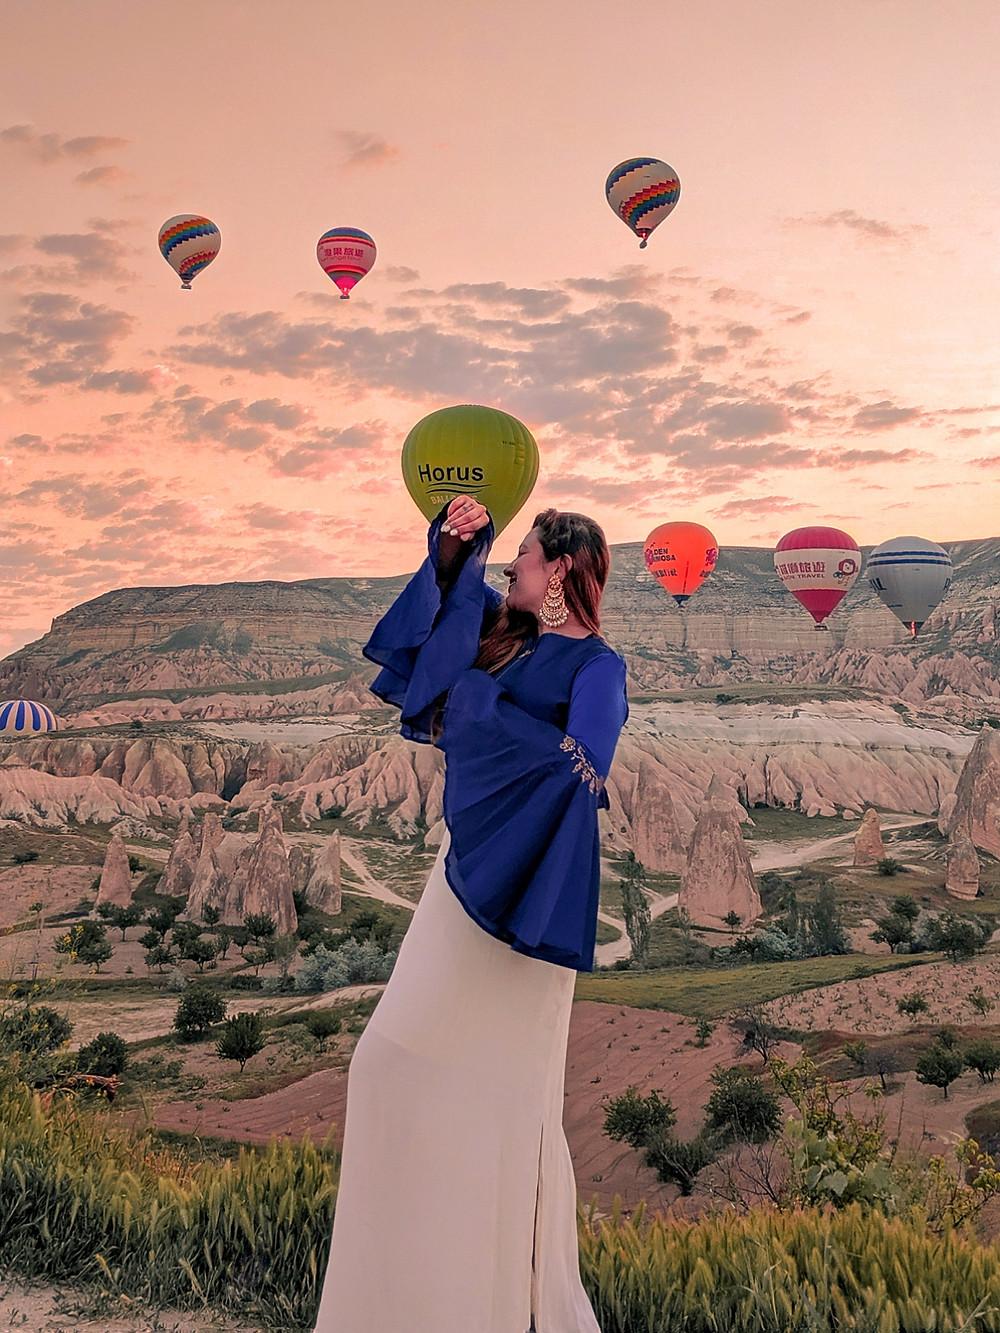 how to get to cappadocia,cappadocia map,cappadocia balloon, cappadocia turkey map, cappadocia hotels, cappadocia to istanbul, cappadocia pronunciation, cappadocia underground city,how to get to cappadocia, istanbul to cappadocia, cappadocia turkey, things to do in cappadocia, cappadocia hot air balloon, cappadocia map, cappadocia tours, cappadocia hotels